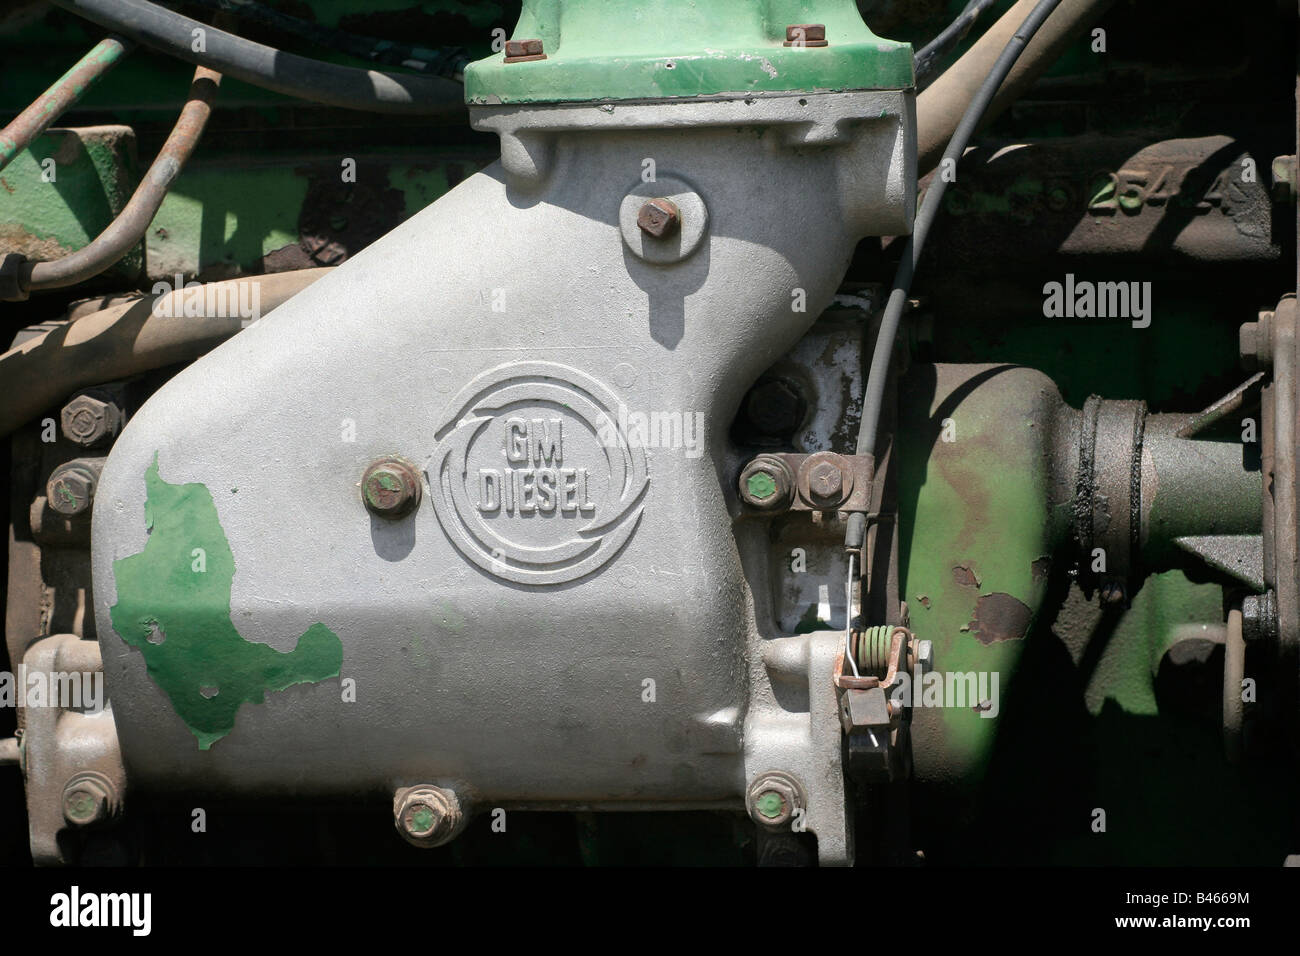 Engine part General Motors diesel engine - Stock Image